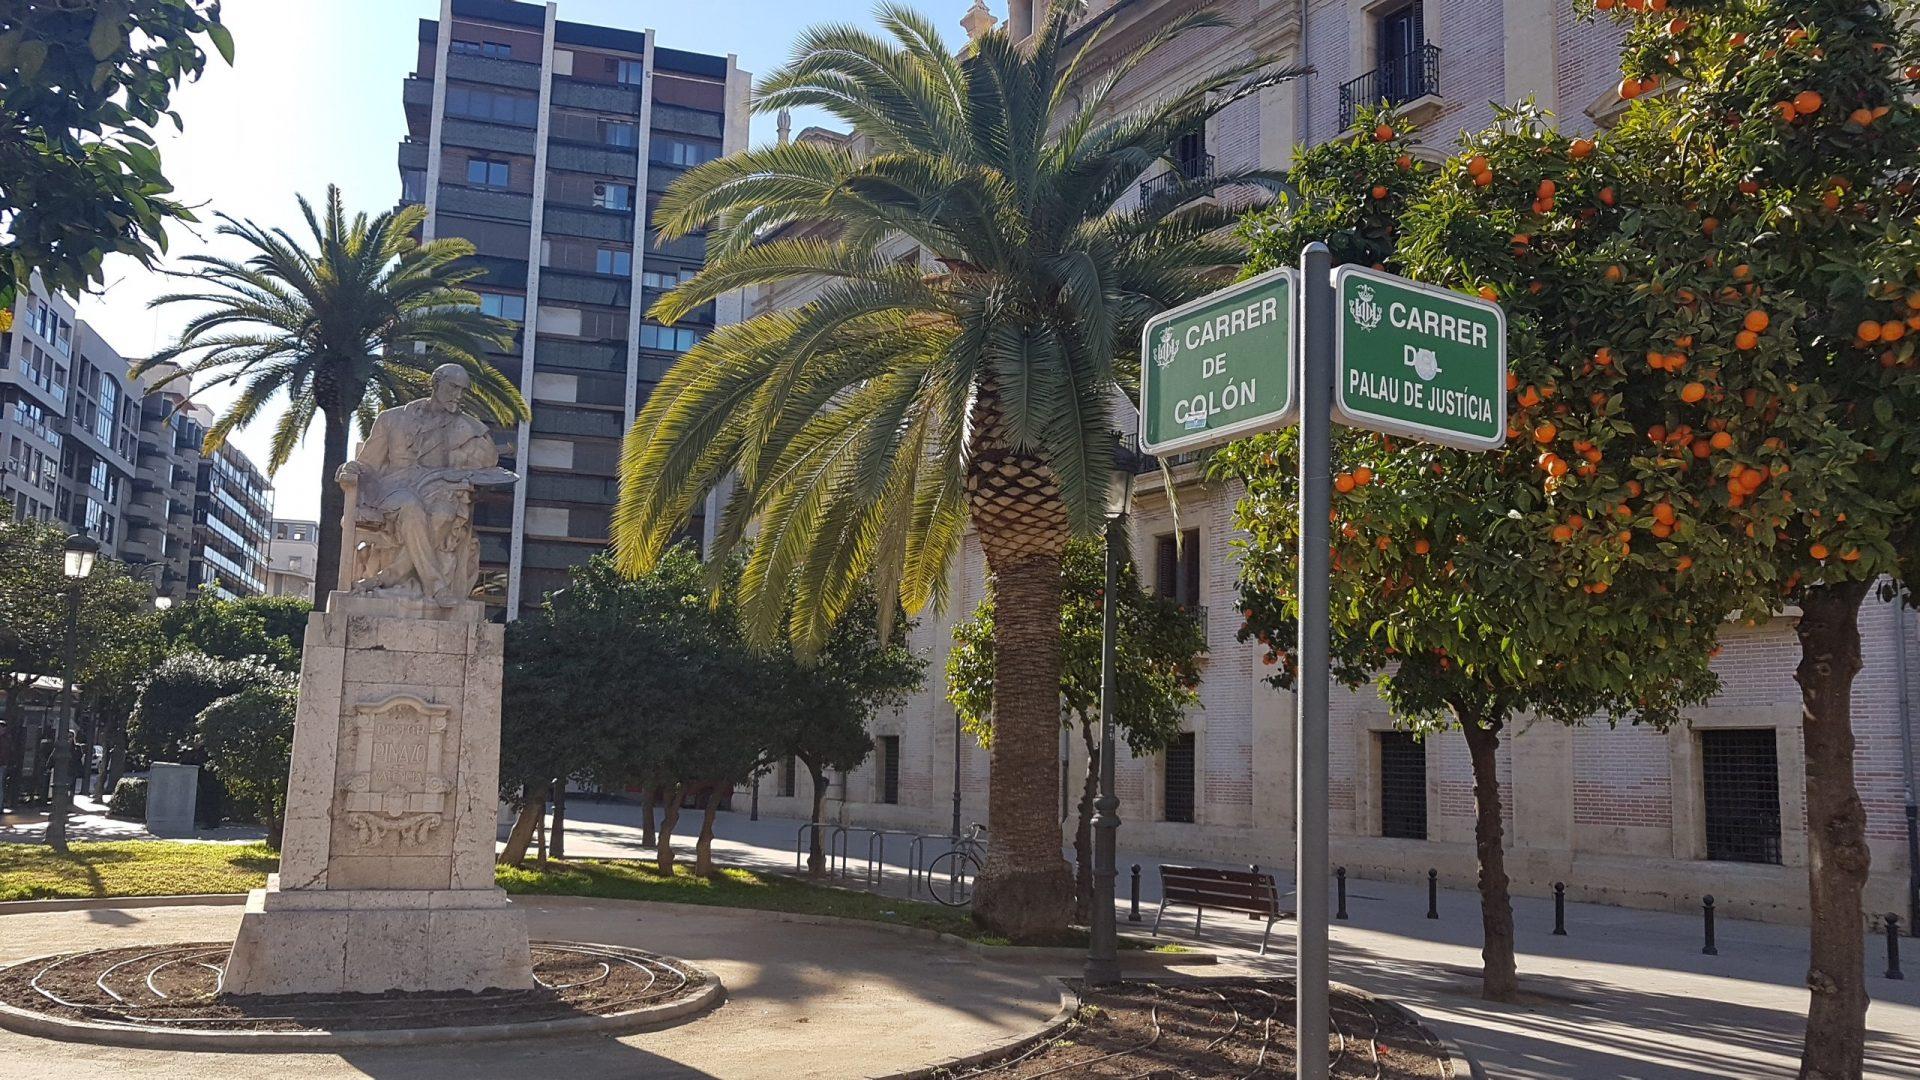 Памятник Игнасио Пиназо Камарленчу, Валенсия, Испания. Январь, 2018